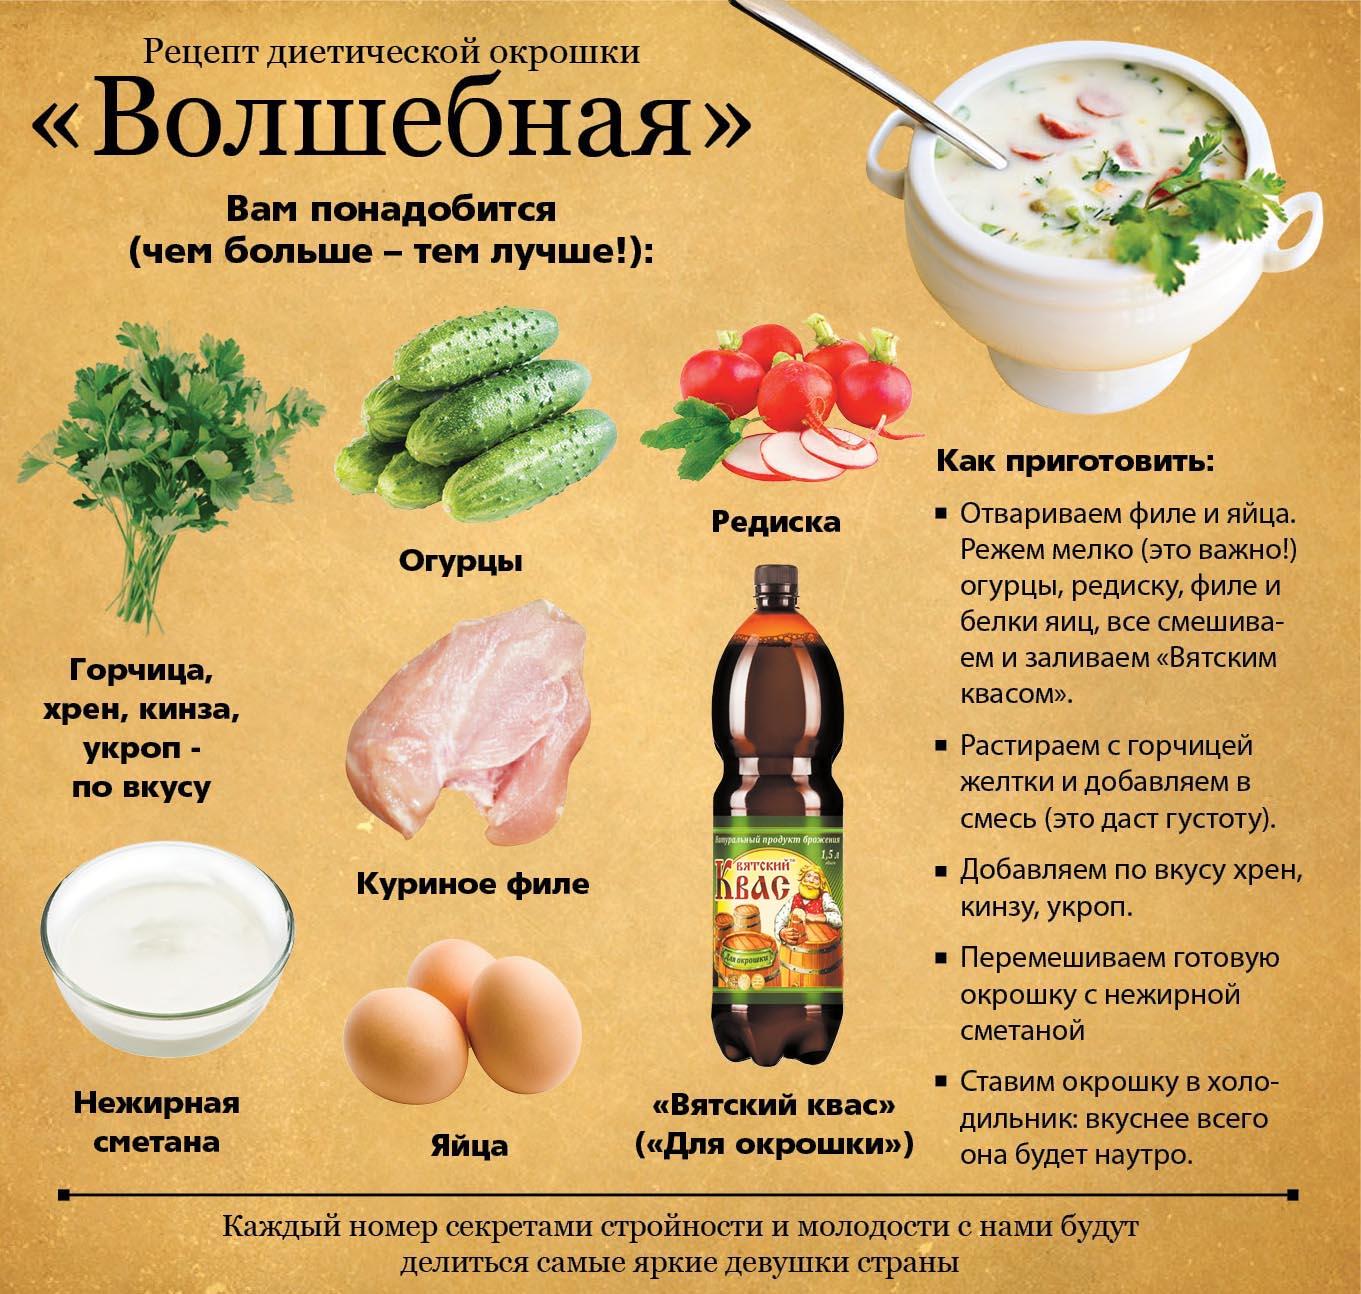 Вкусное диетическое блюдо рецепт